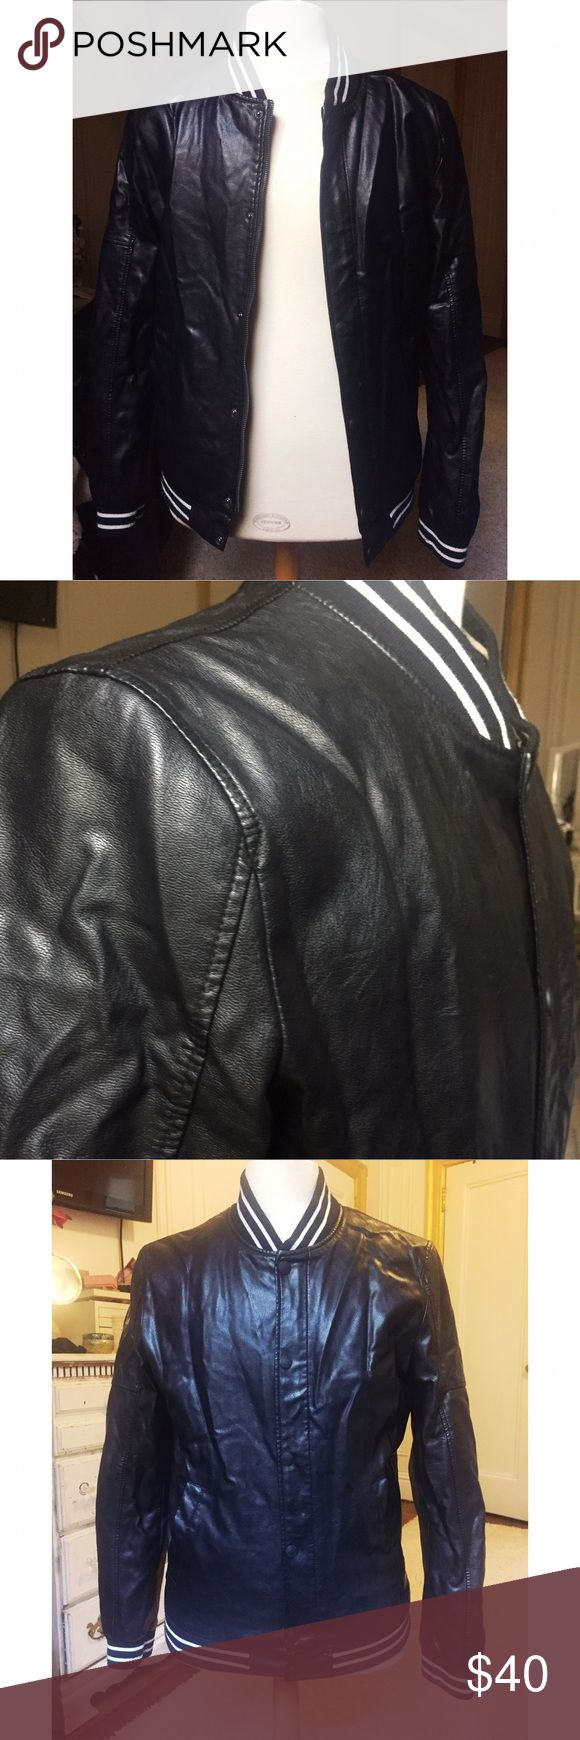 Zara man varsity jacket Zara man leather motor jacket. Zipper and snap closure. Side pockets. Size is  large but I think Zara's clothing run a bit small. Zara Jackets & Coats Bomber & Varsity